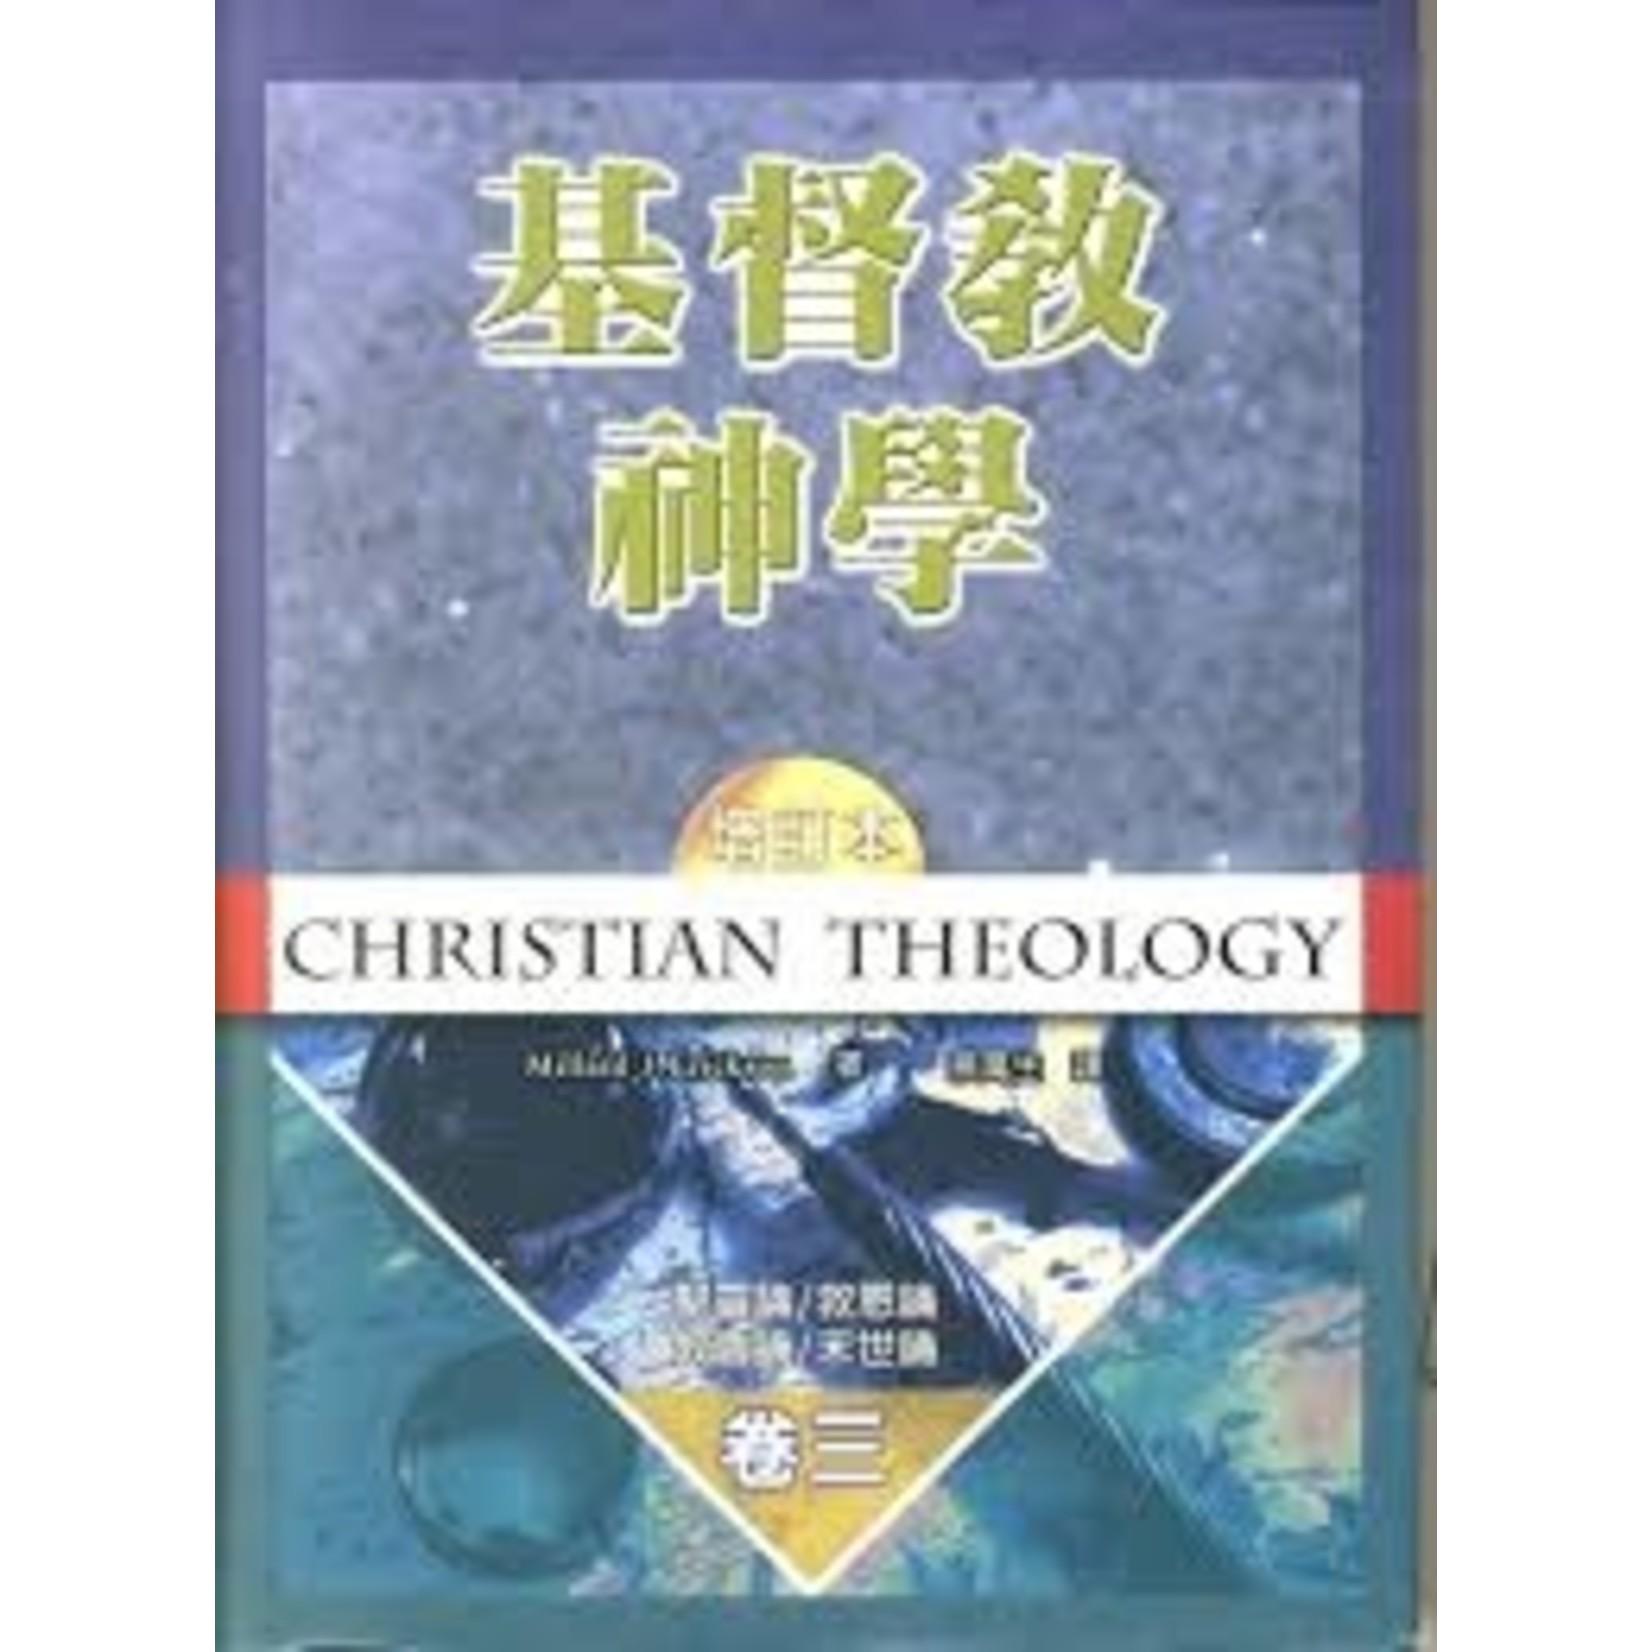 中華福音神學院 China Evangelical Seminary 基督教神學(增訂本)卷三 Christian Theology